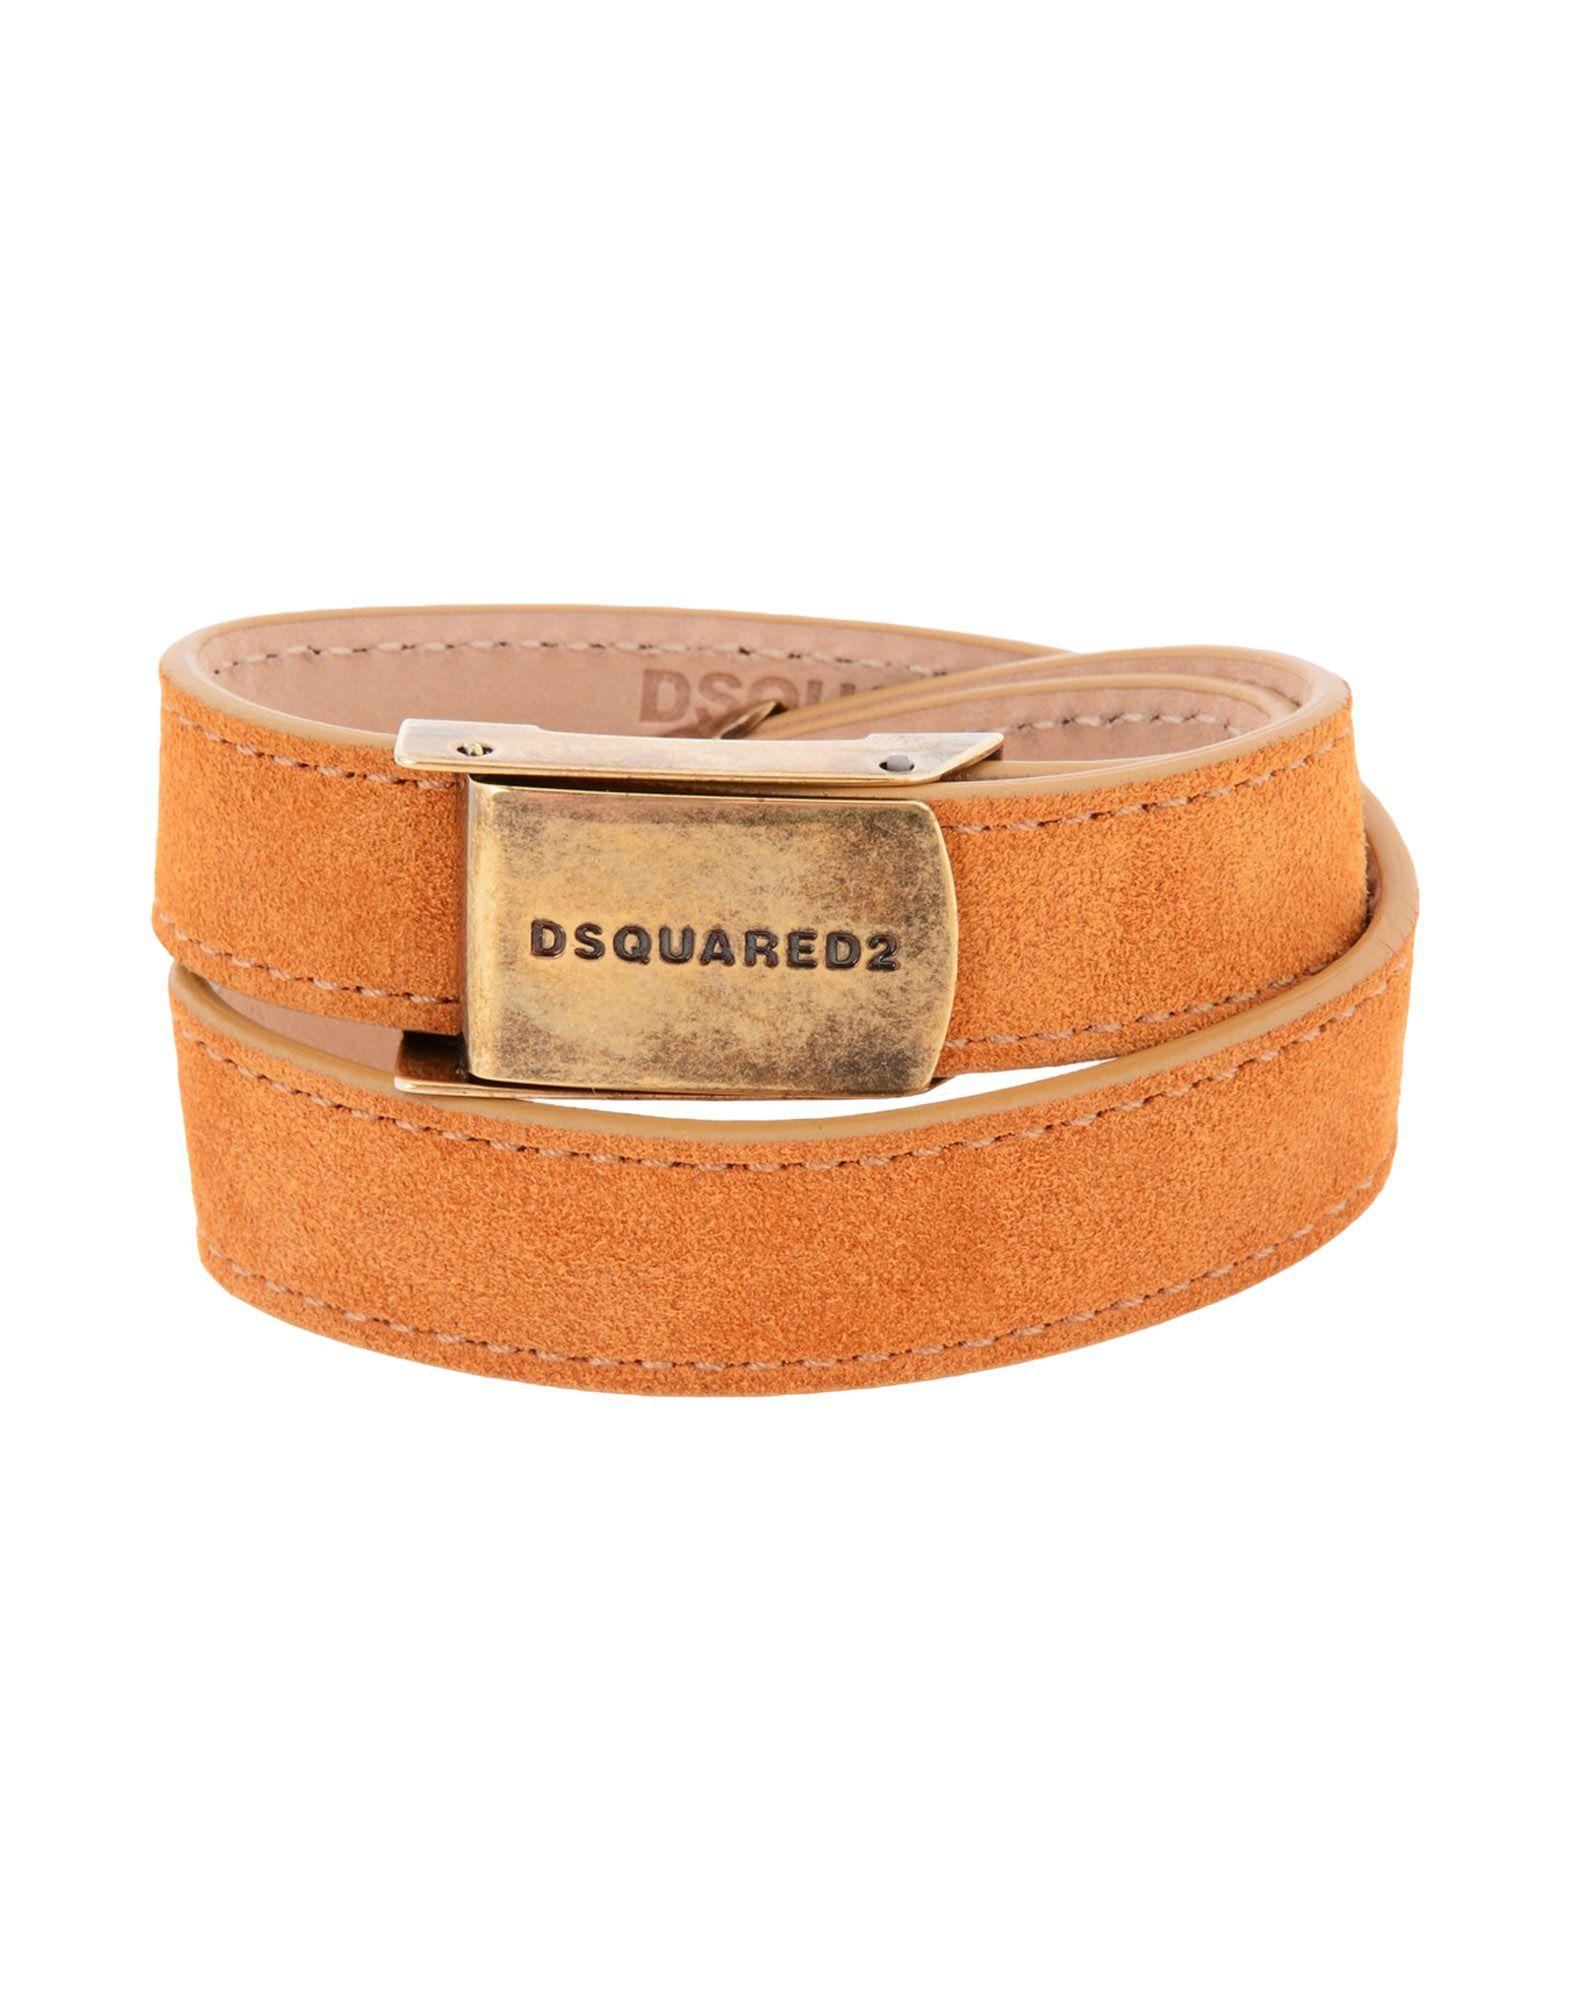 DSQUARED2 レディース ブレスレット タン 革